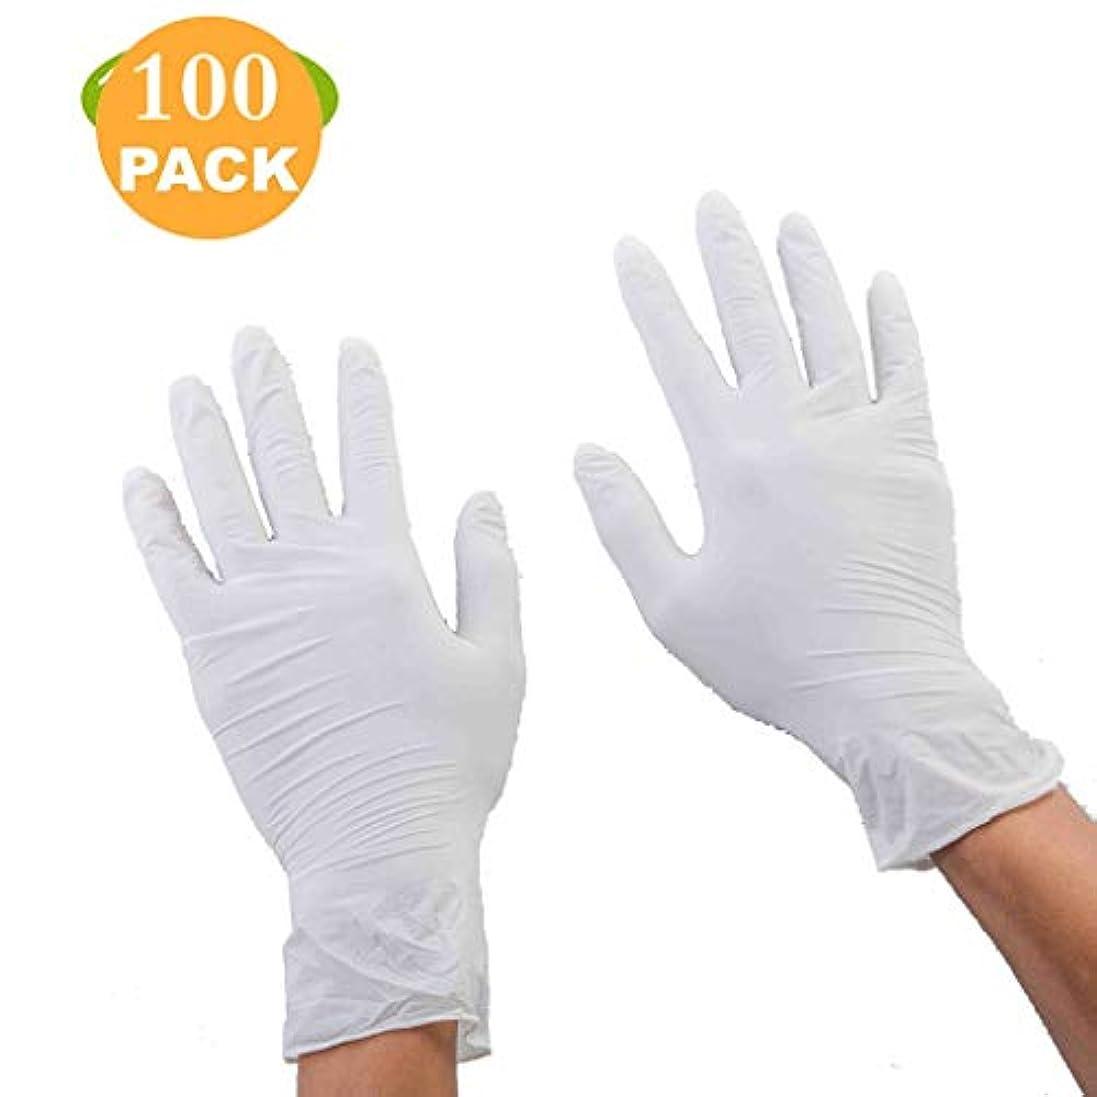 脱臼する恥ずかしい偶然のニトリル使い捨て12インチの厚さのゴム食品加工手袋ホワイト耐性-100パーボックス (Color : Blue, Size : M)